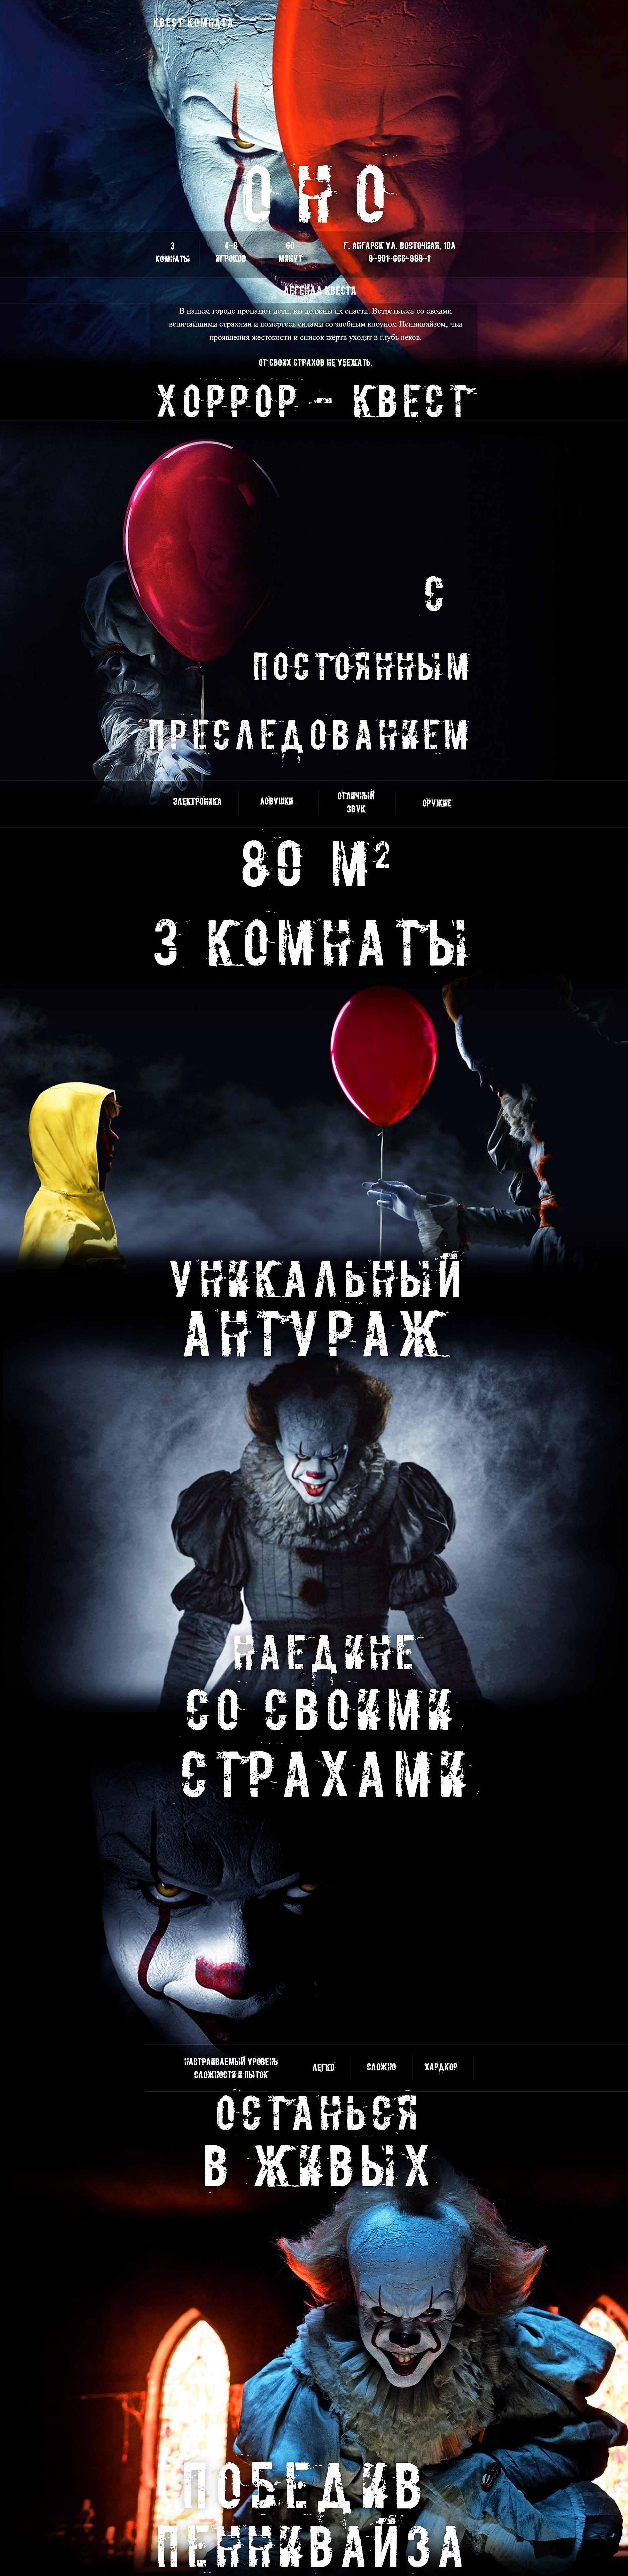 Лендинг Оно Ангарск-min.jpg